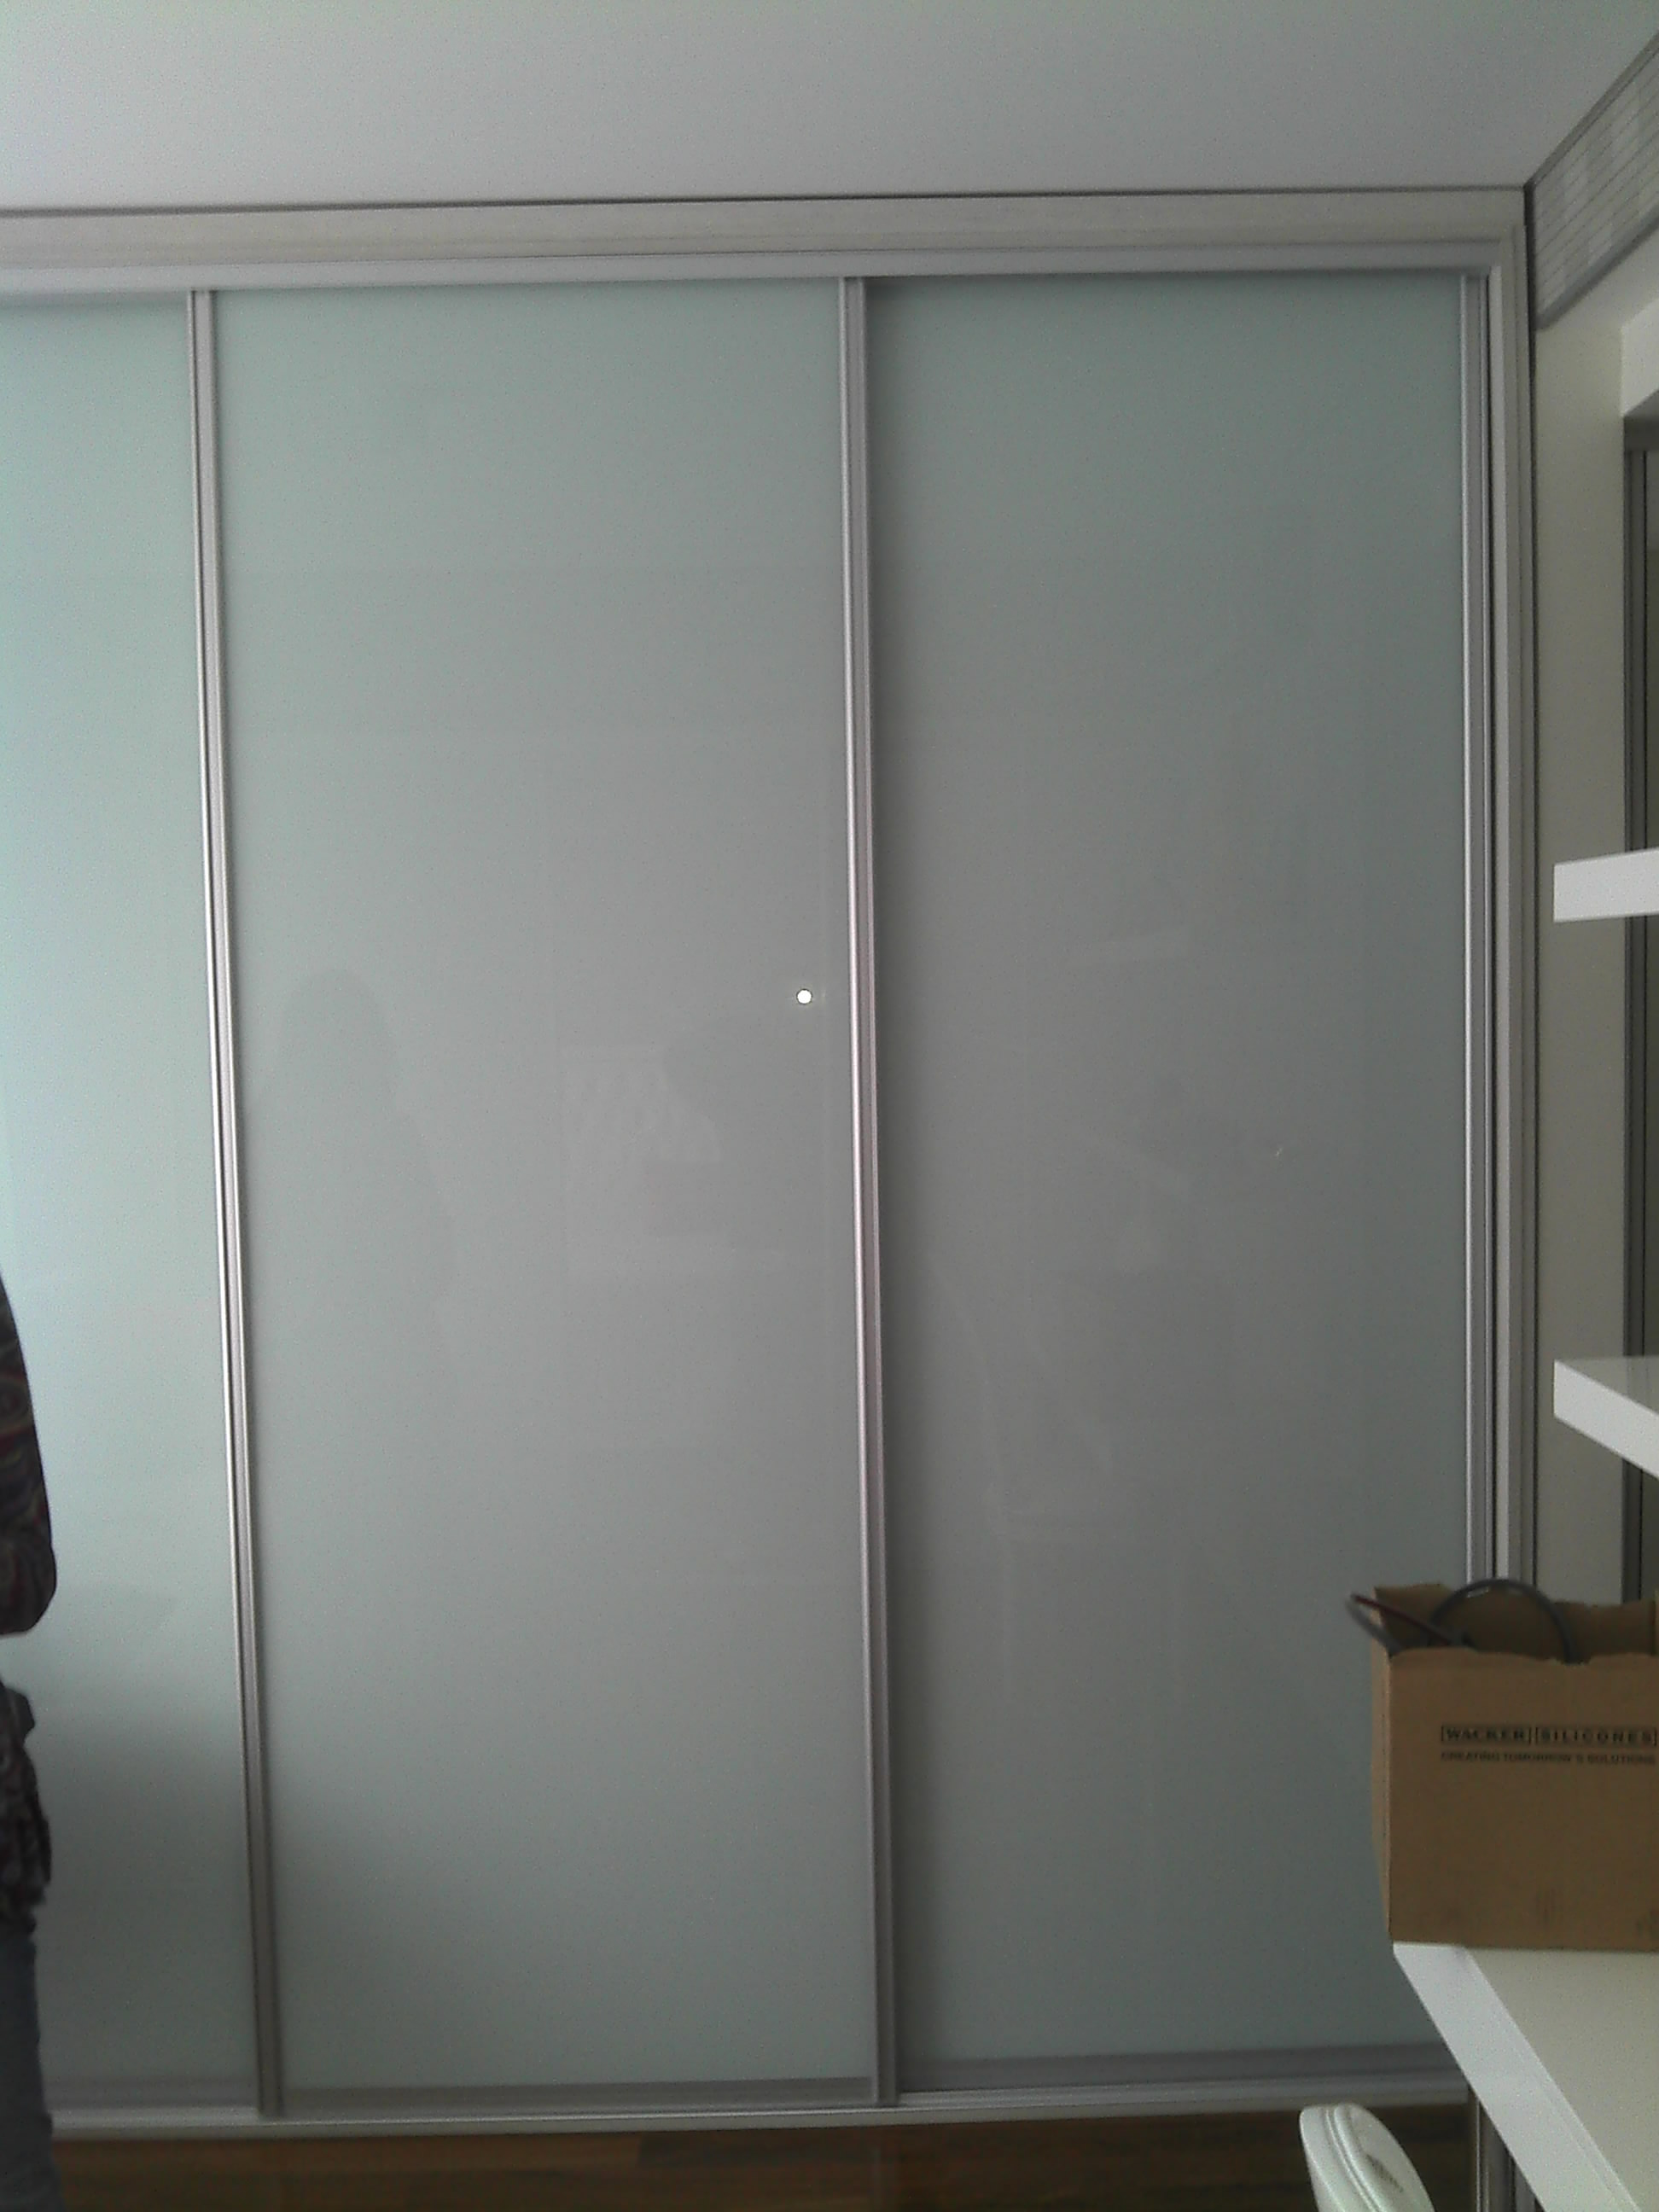 Mamparas Para Baño Tucuman:Cover glass blanco brillante en frente de placard